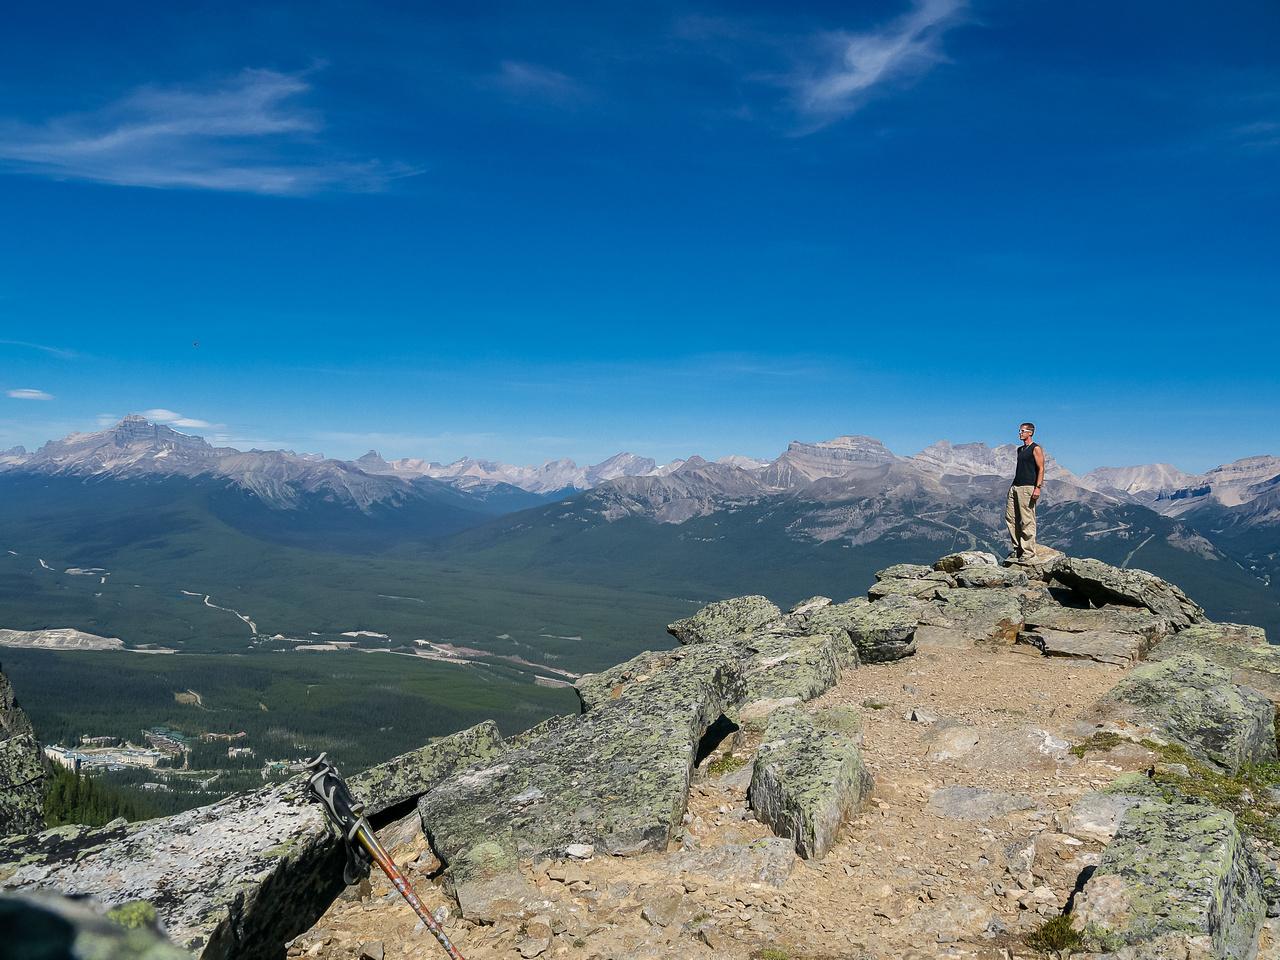 Vern on the summit of Saddle Mountain.